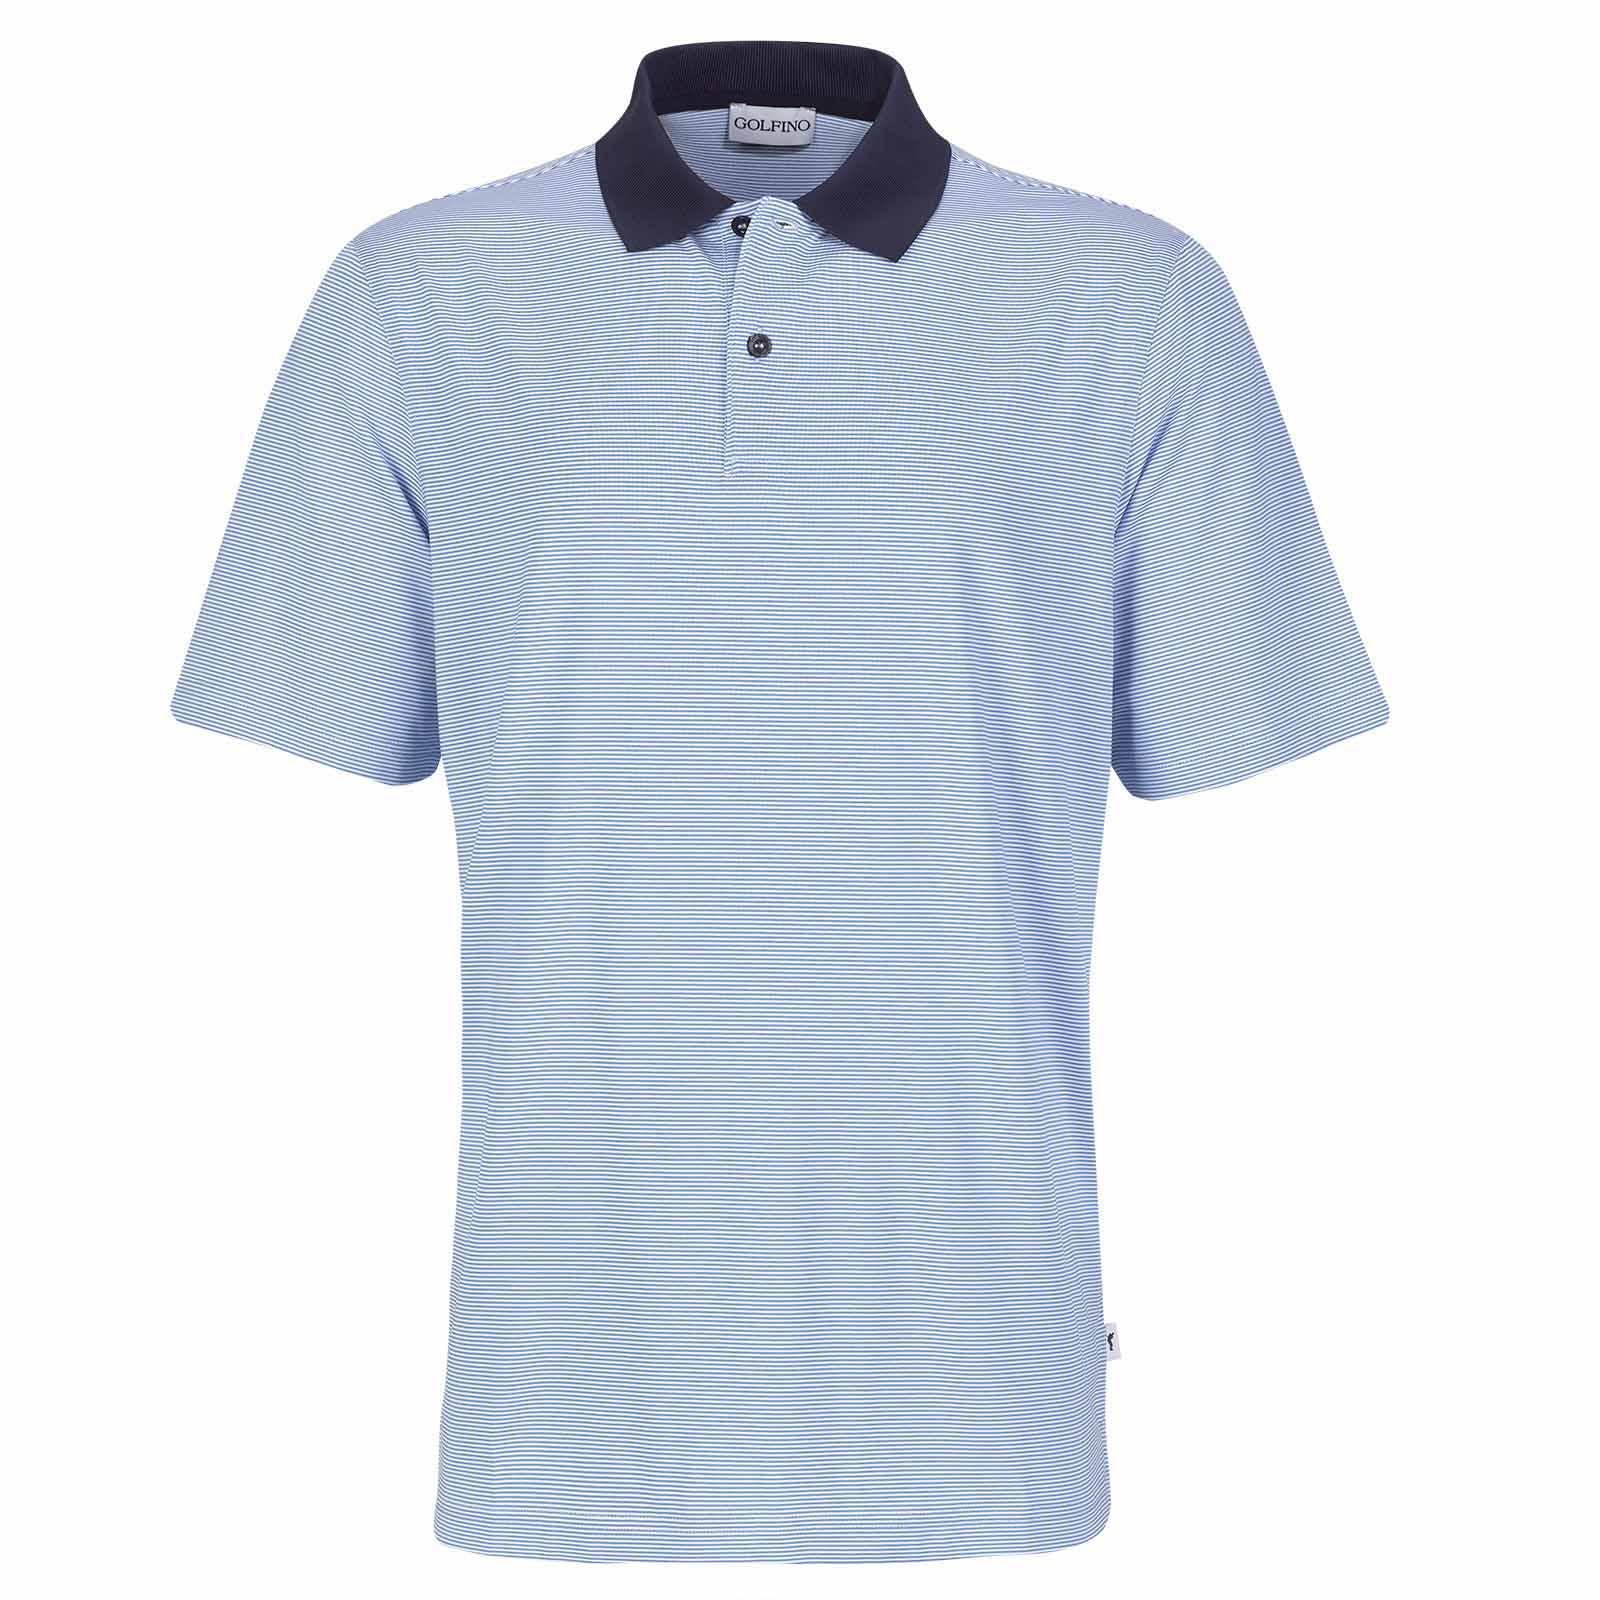 Herren Golfpolo aus feuchtigkeitsregulierendem und schnelltrocknendem Material